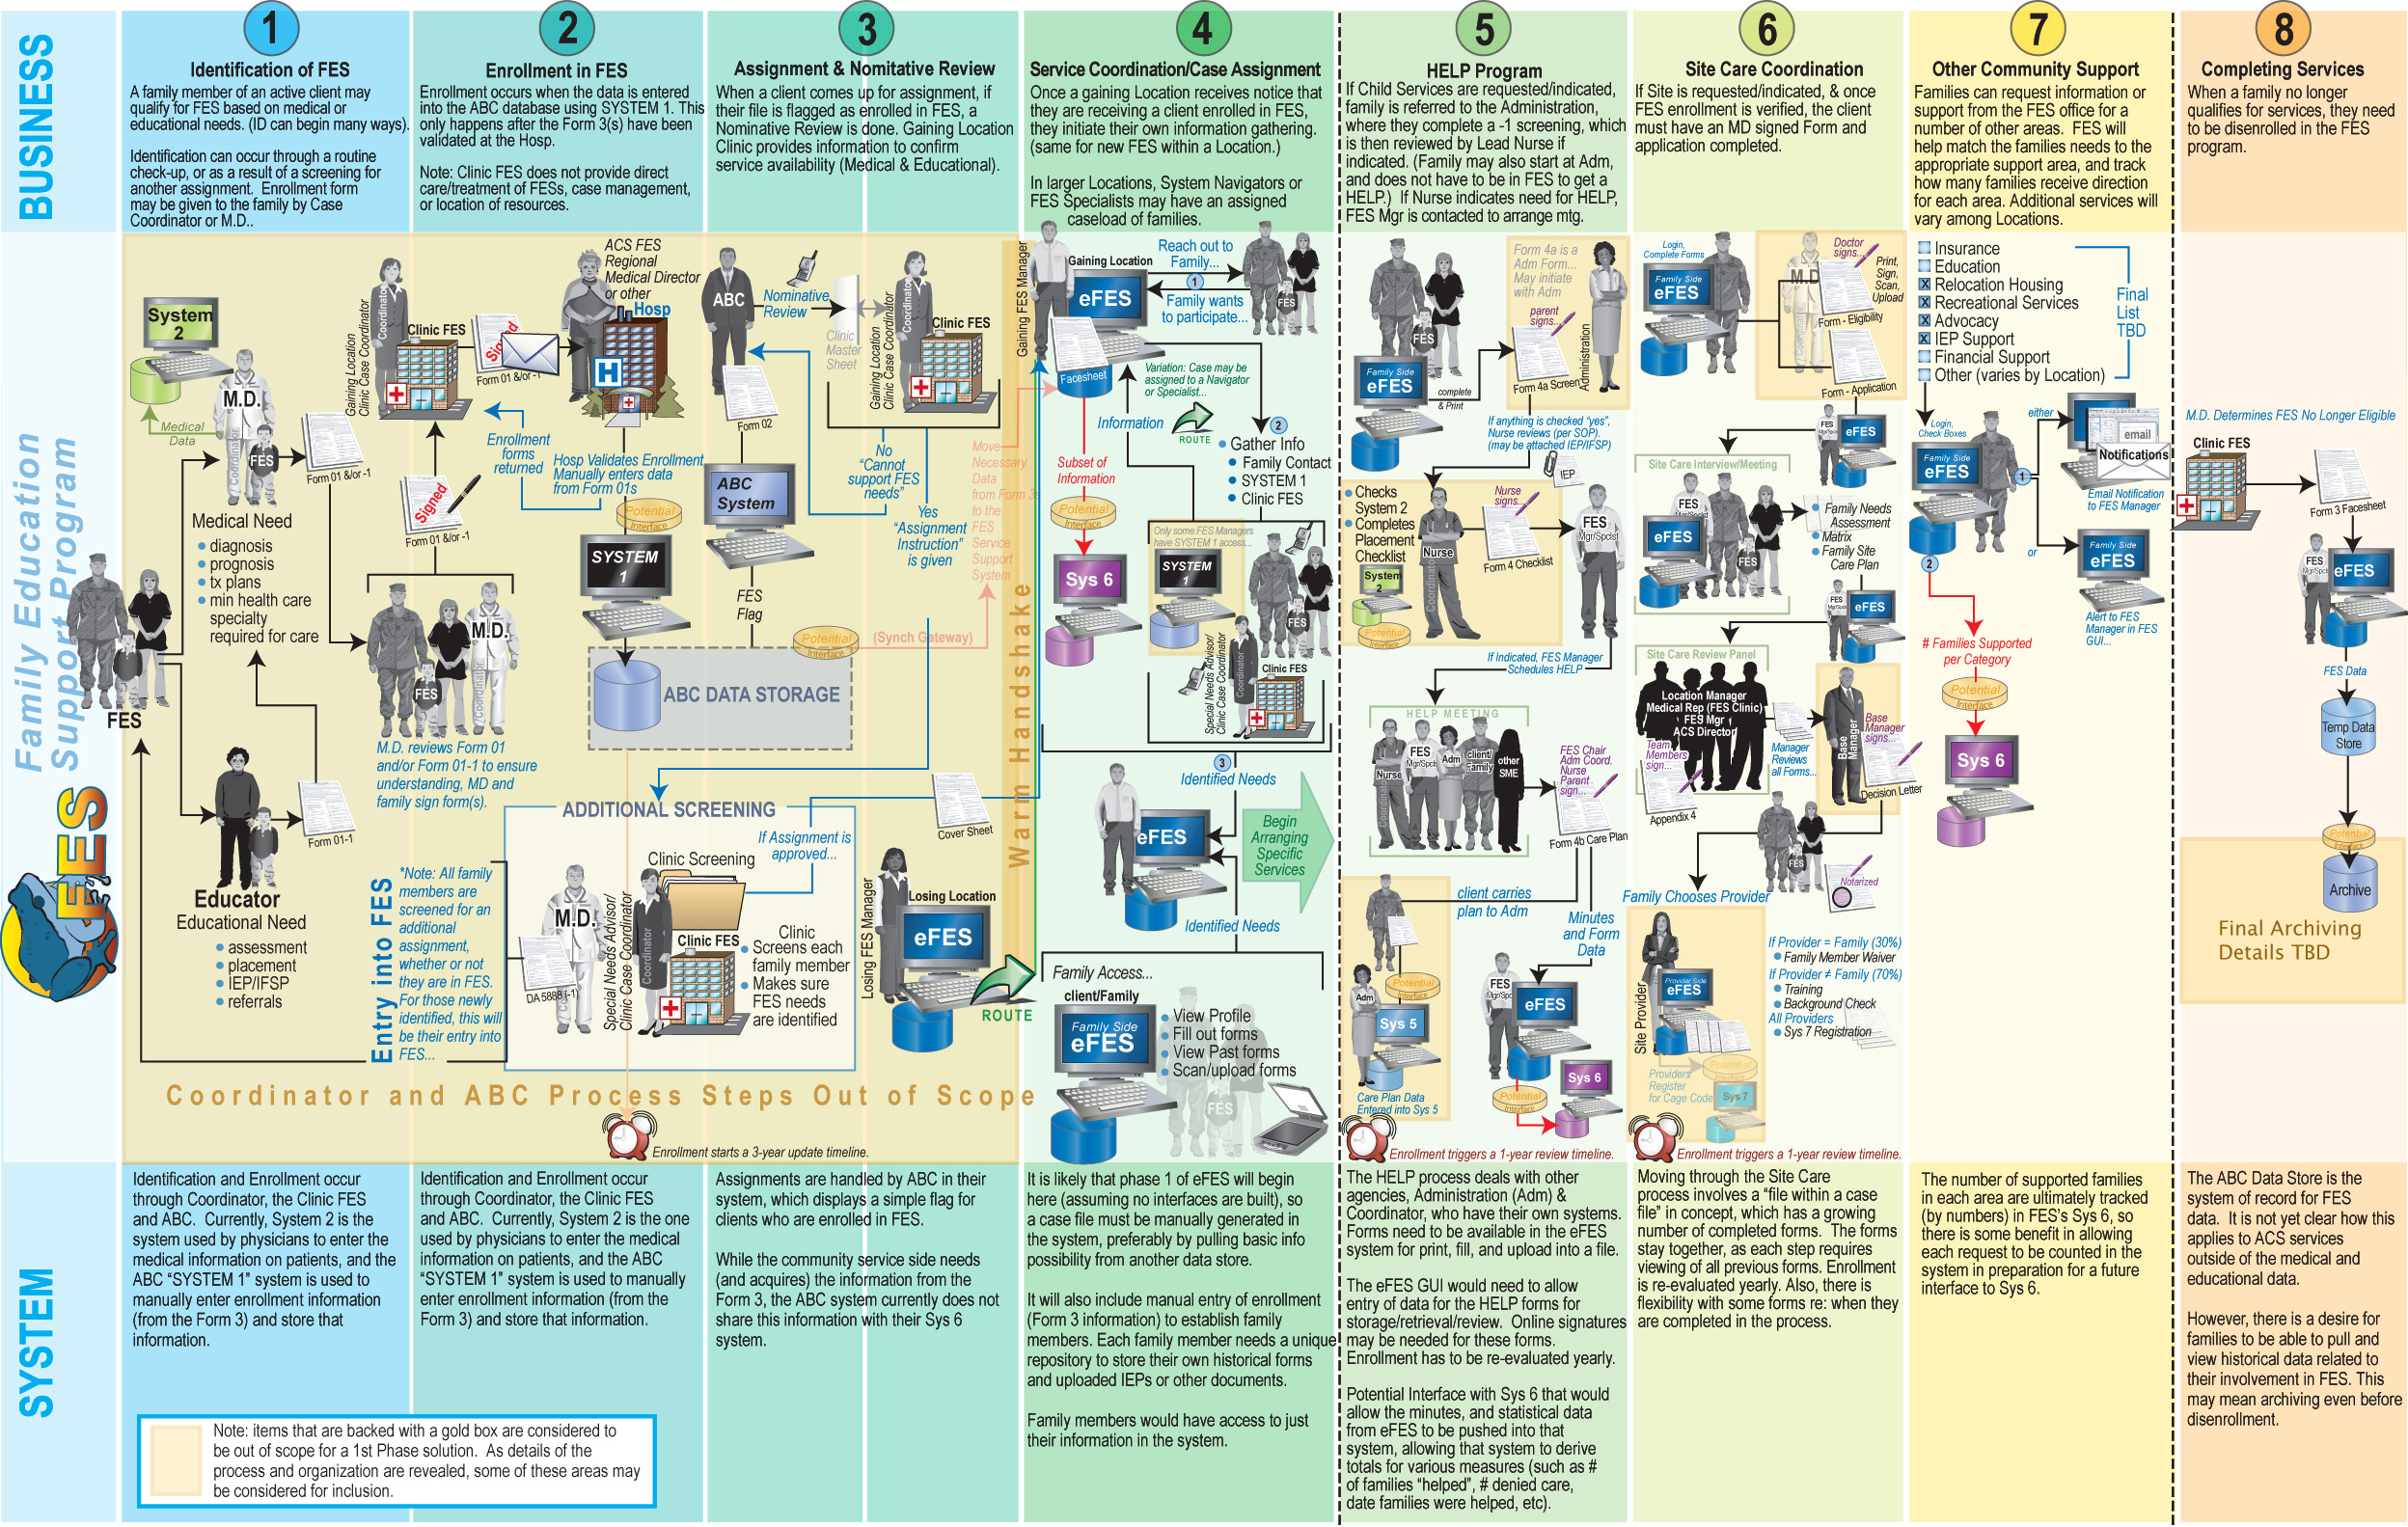 online enrollment system history